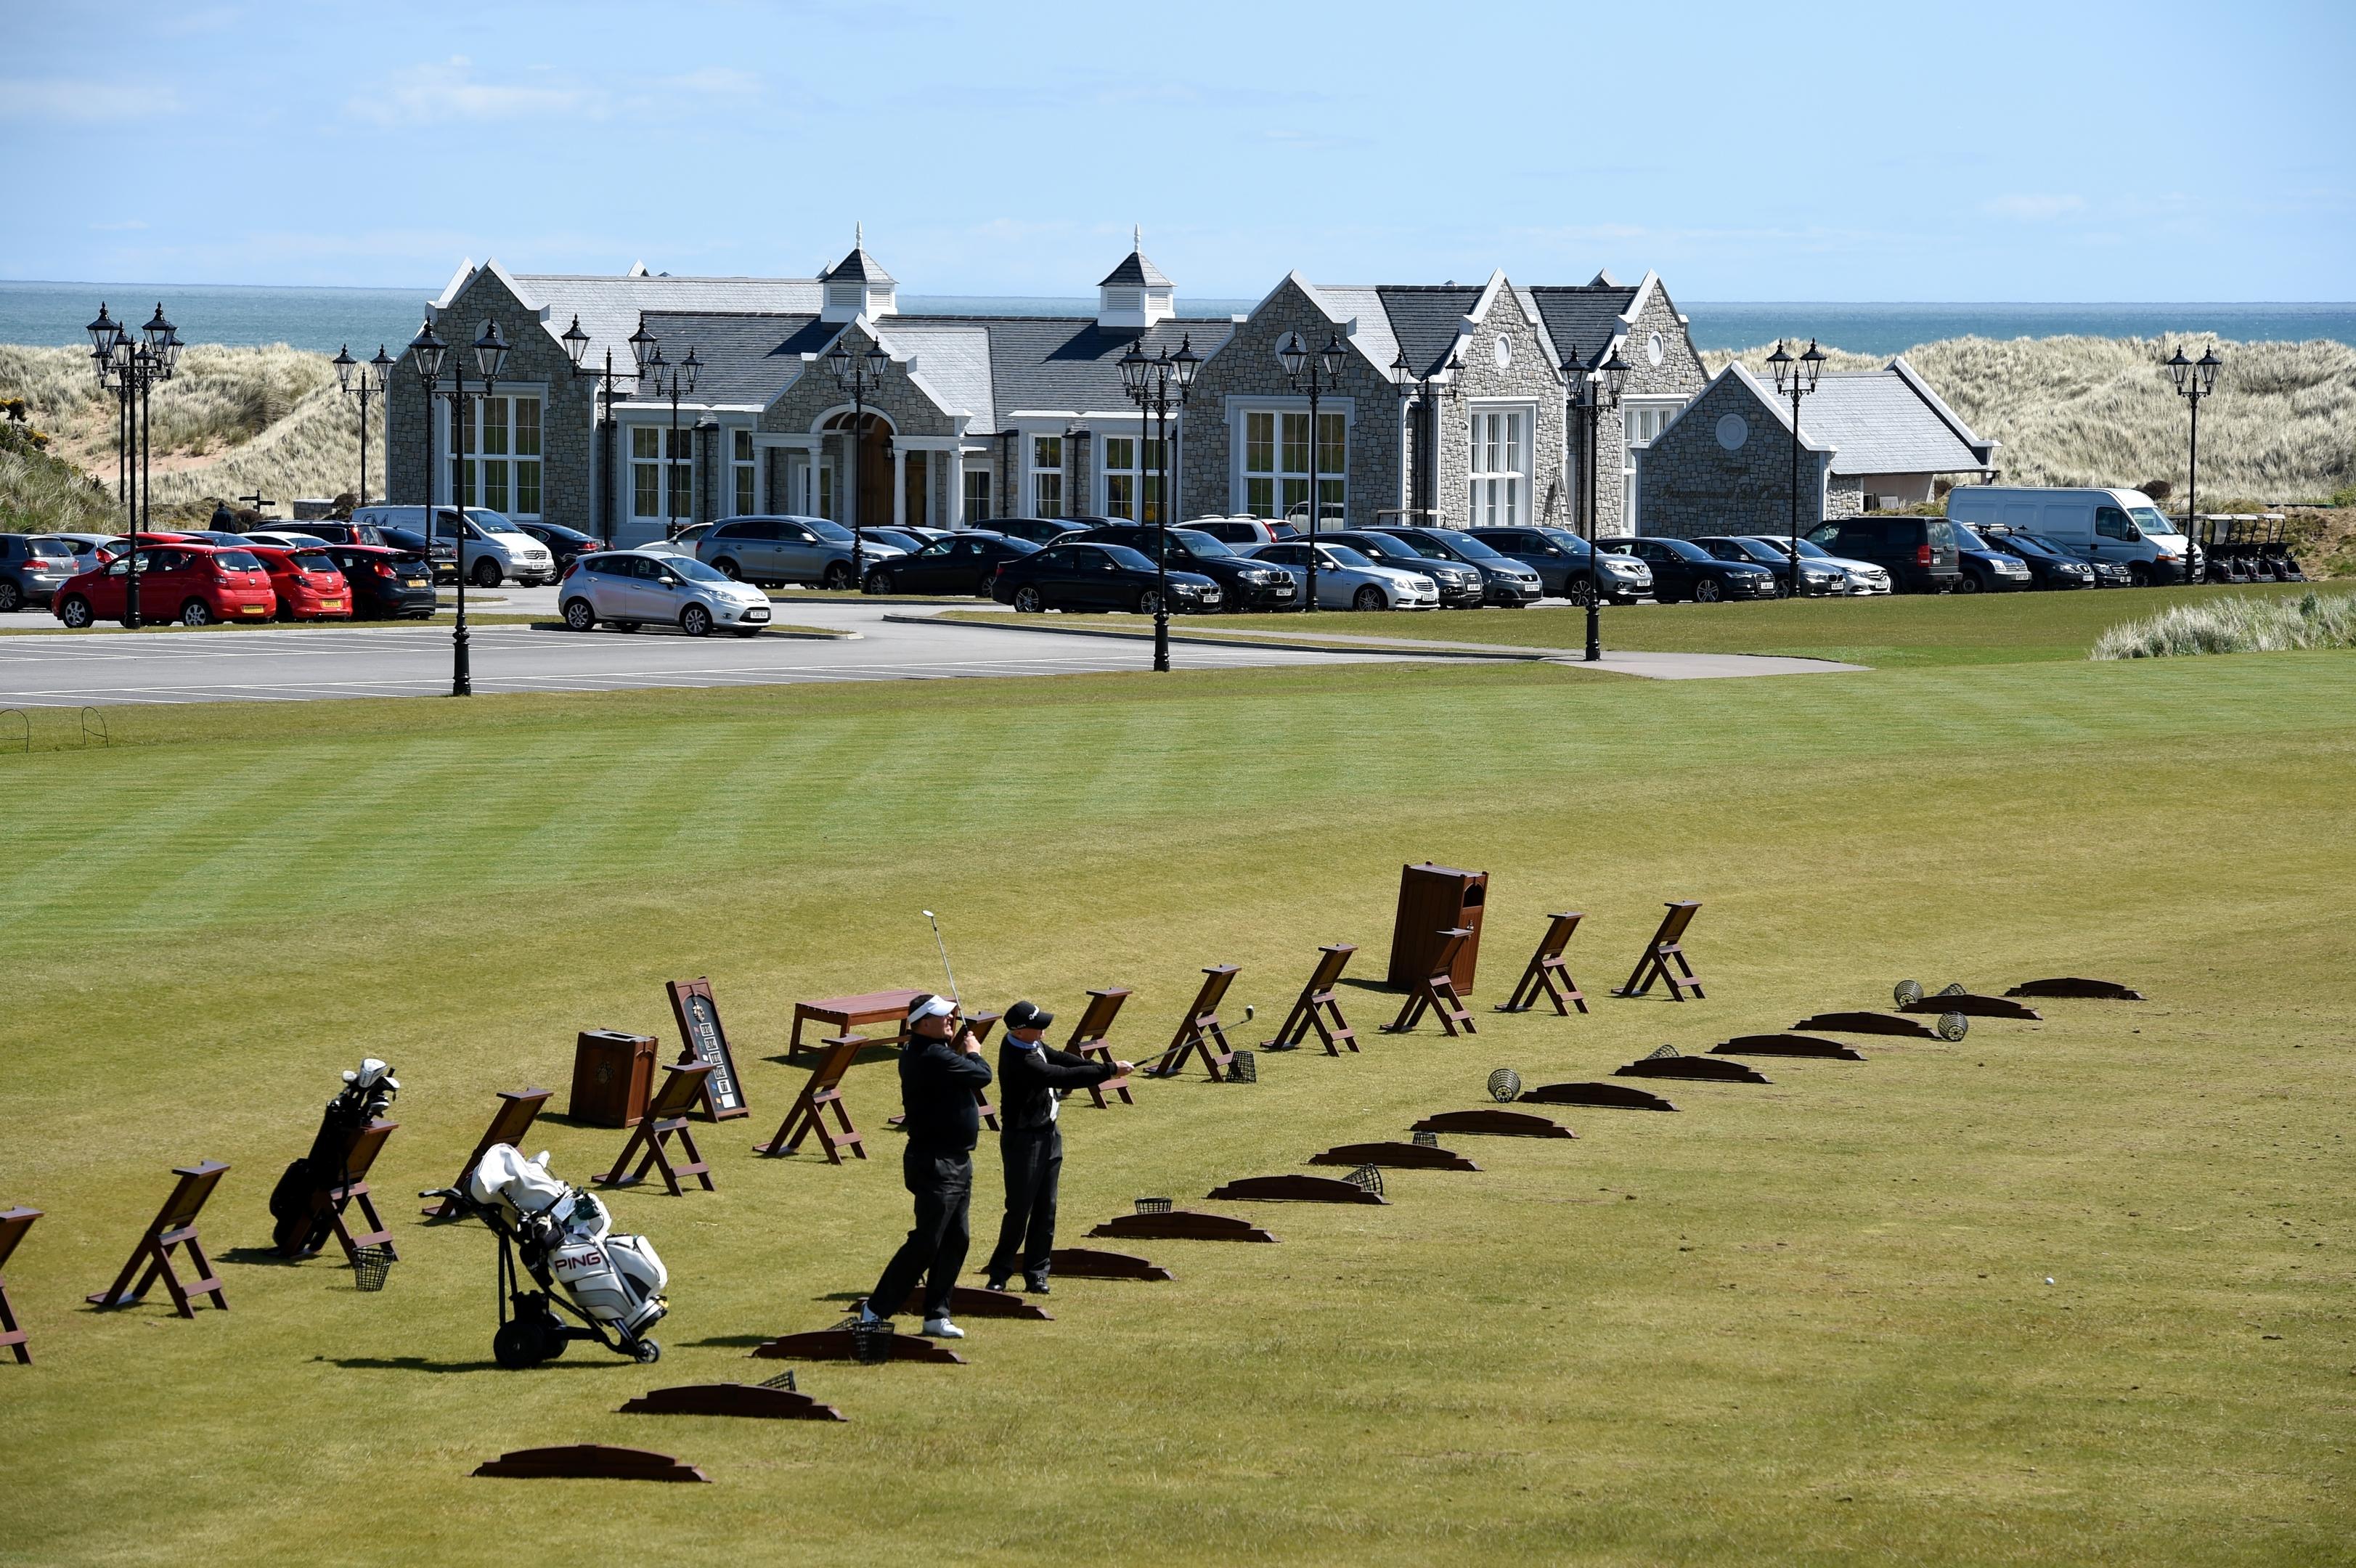 Trump International Golf Links, Aberdeenshire.